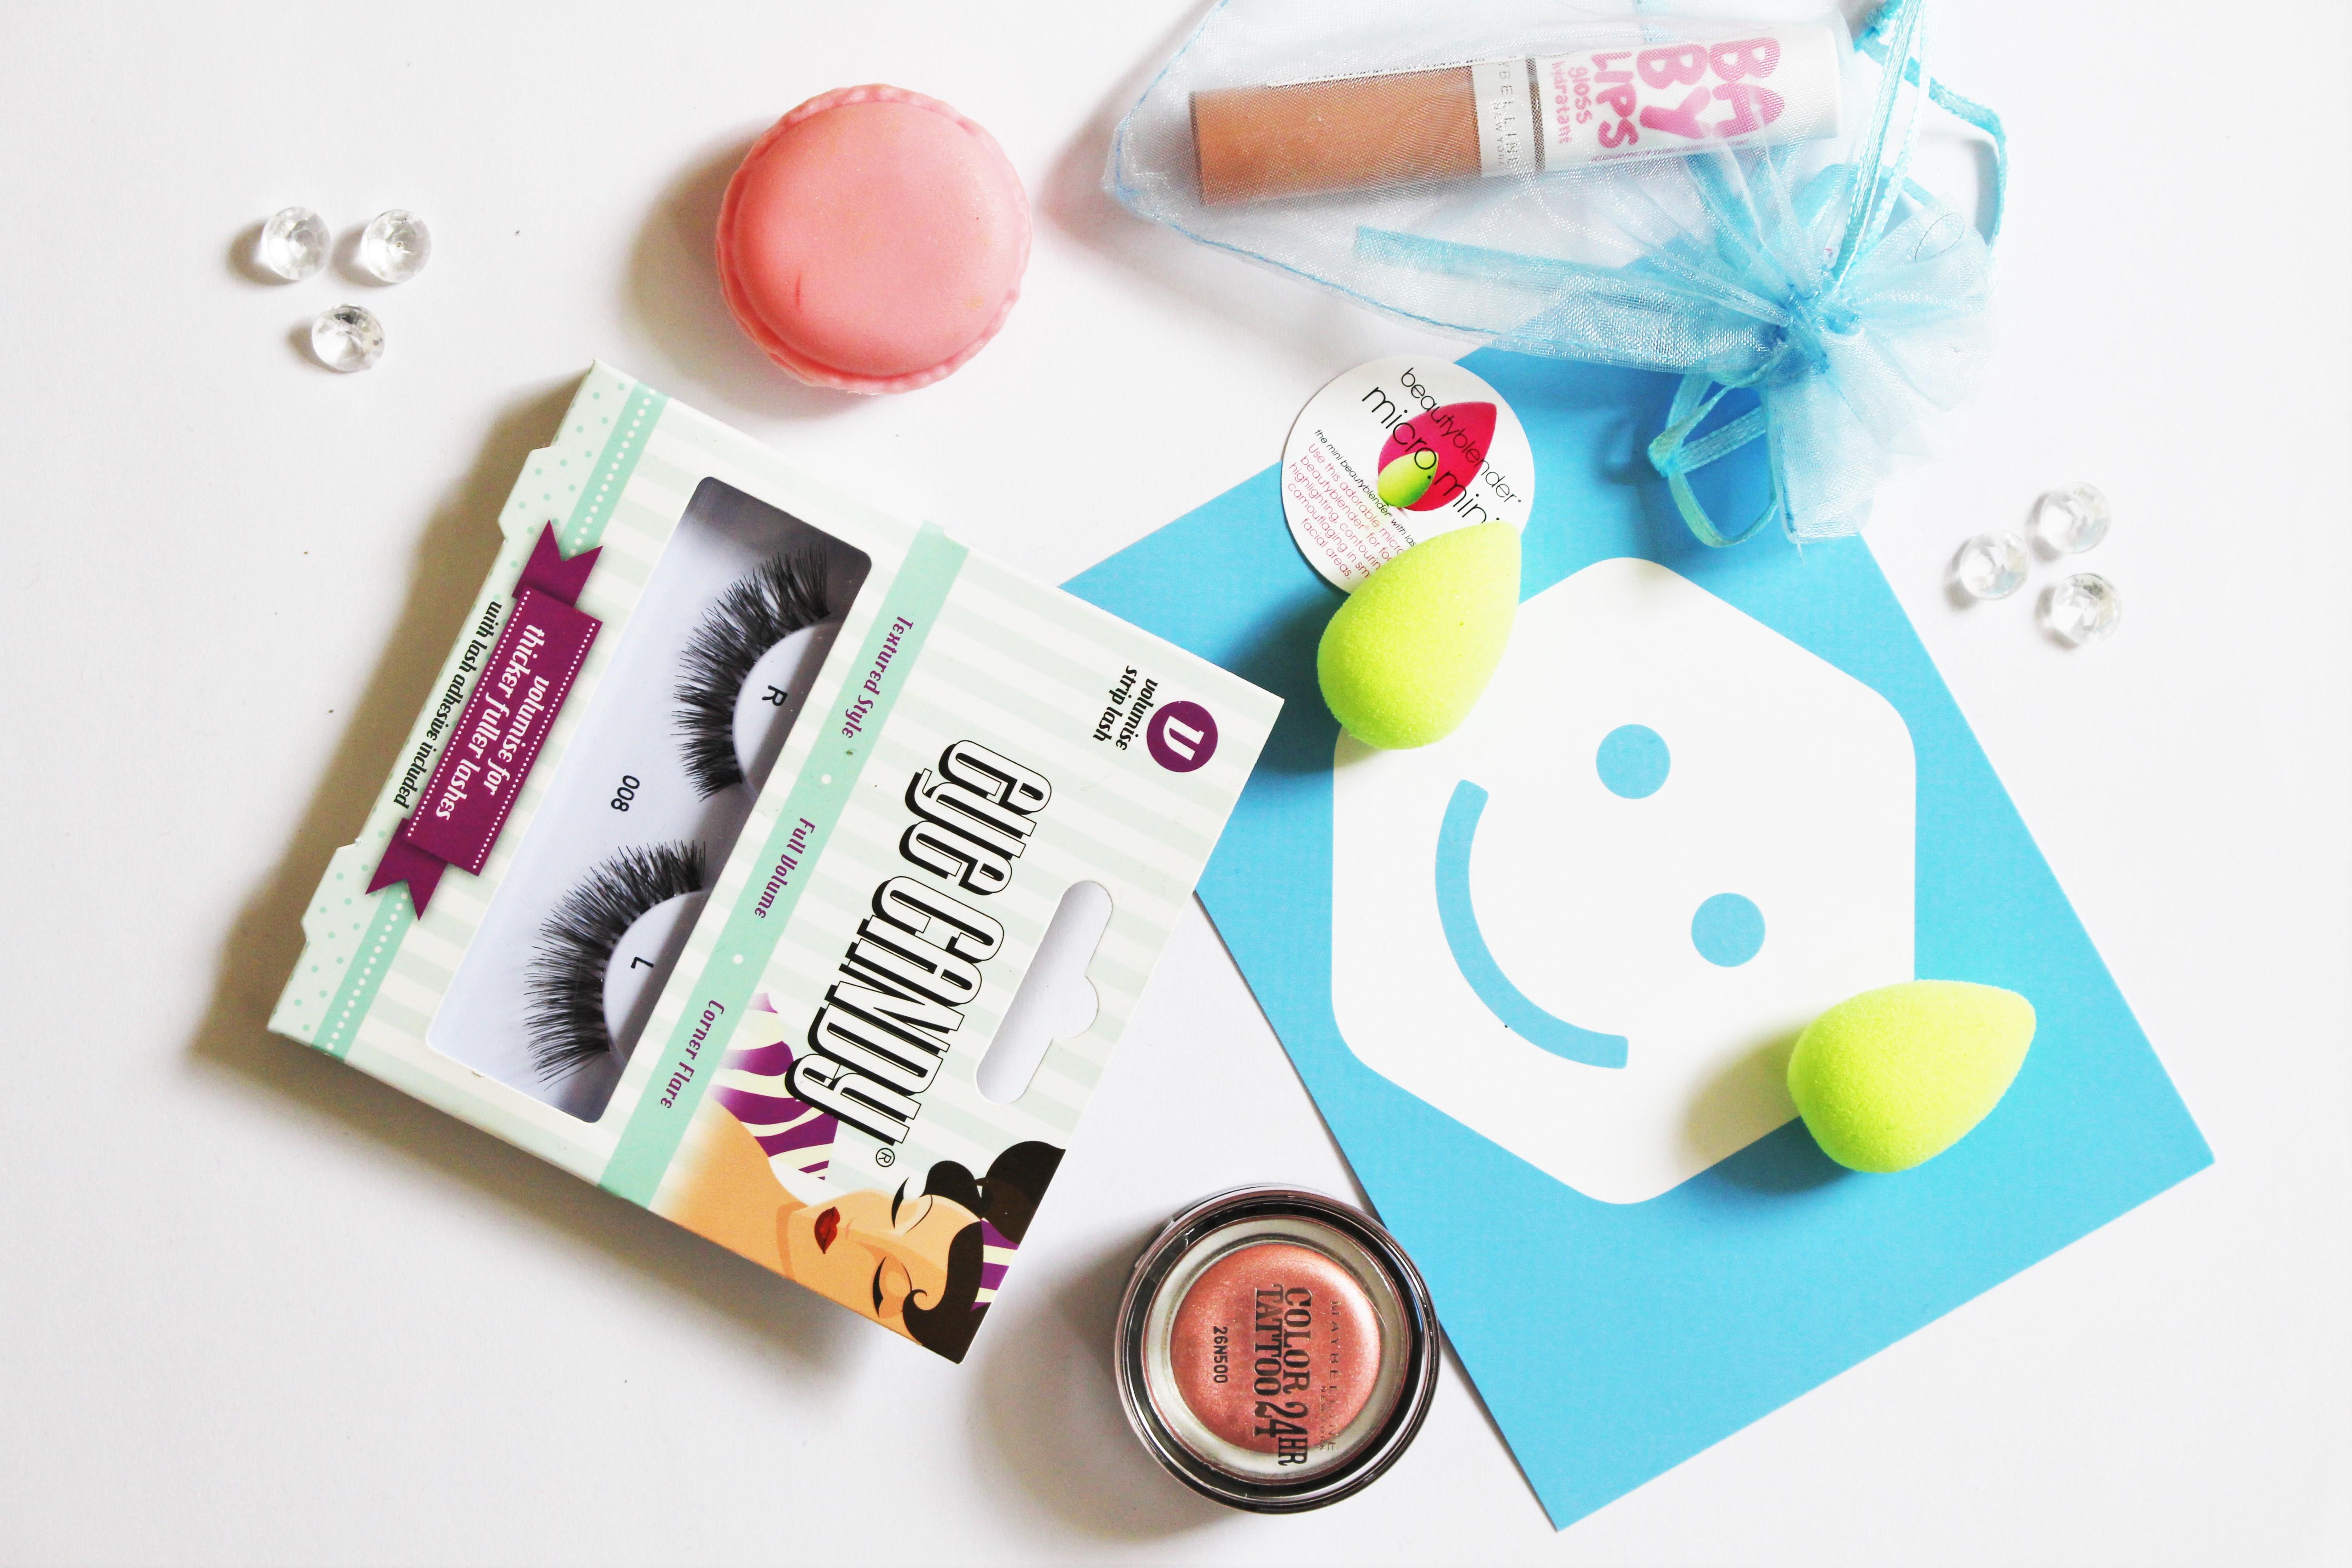 De mogelijkheden met drogisterij make-up | reviews & look